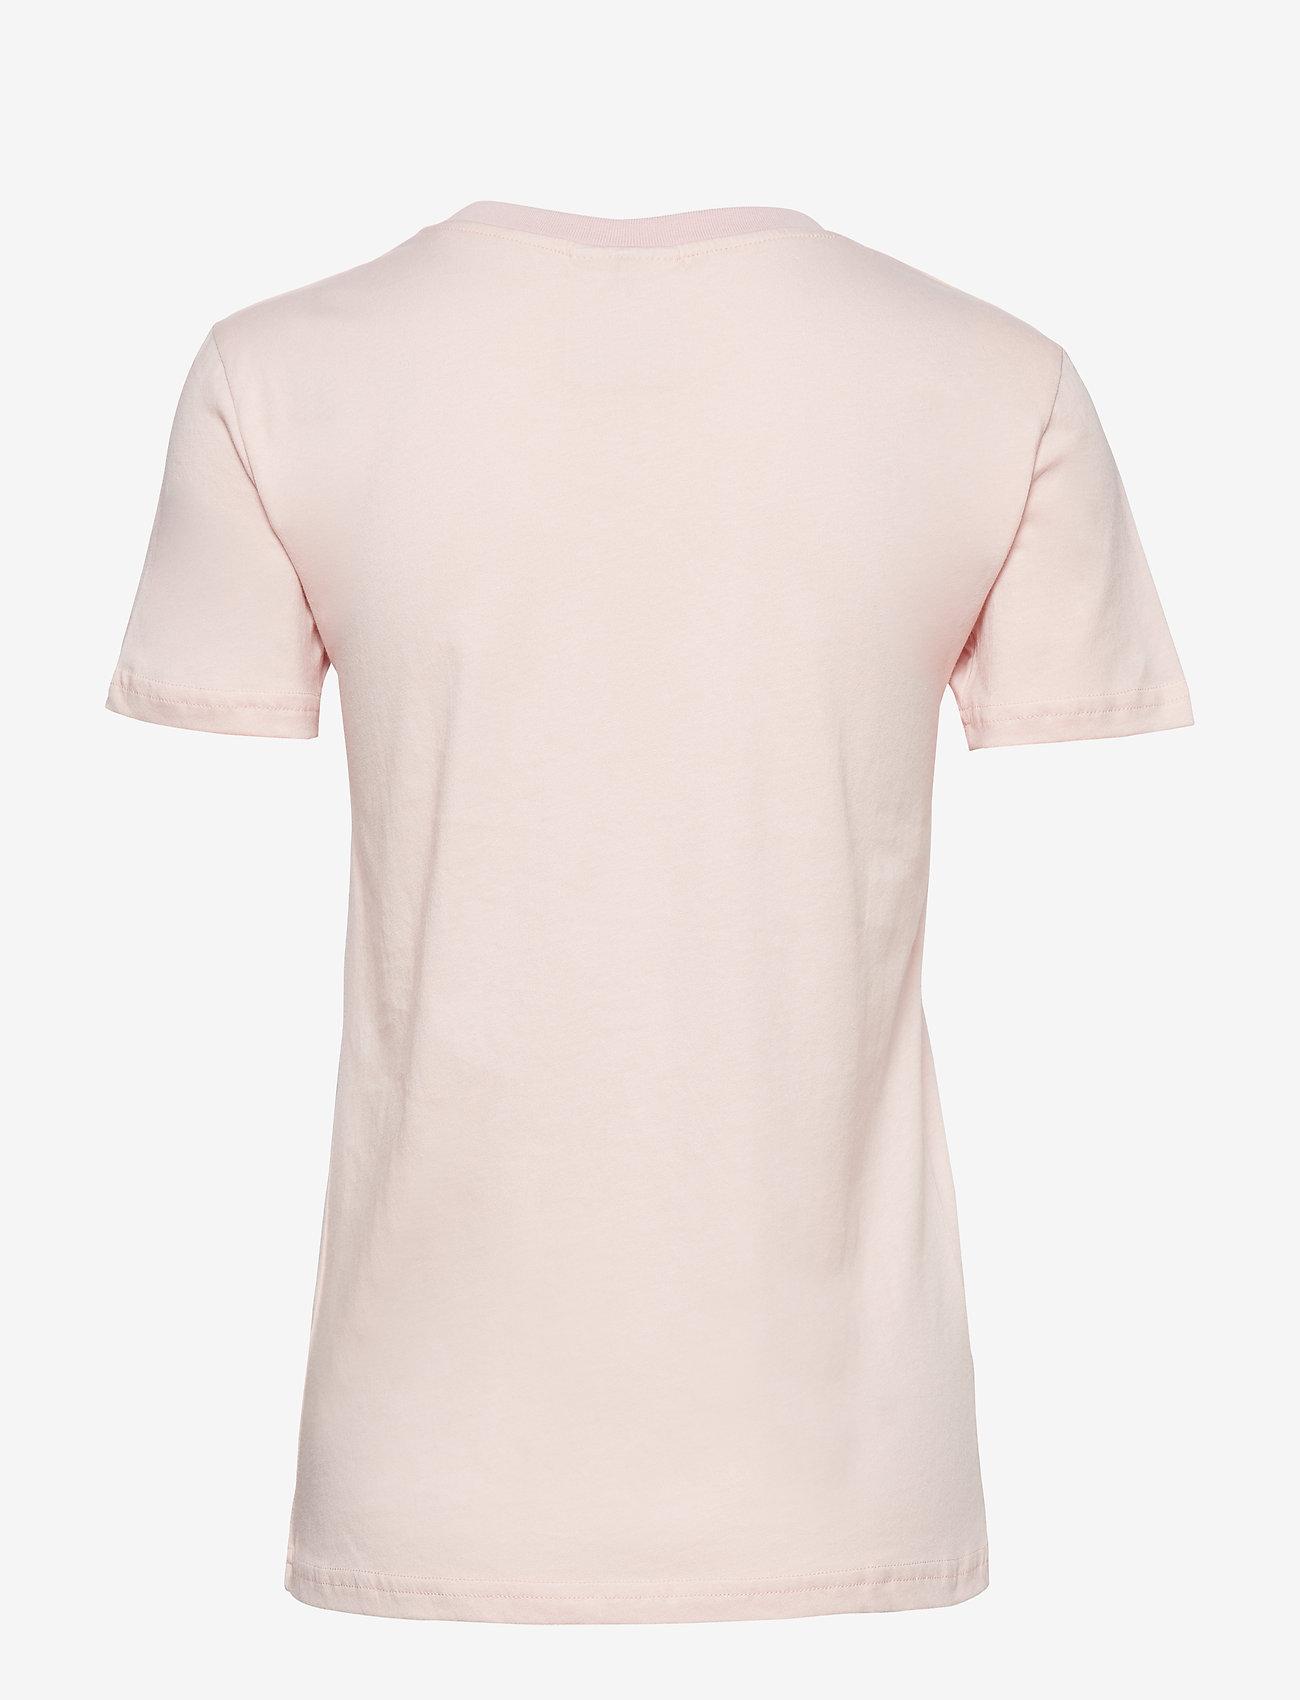 Baum und Pferdgarten JERRY - T-shirts & Tops PEACHSKIN